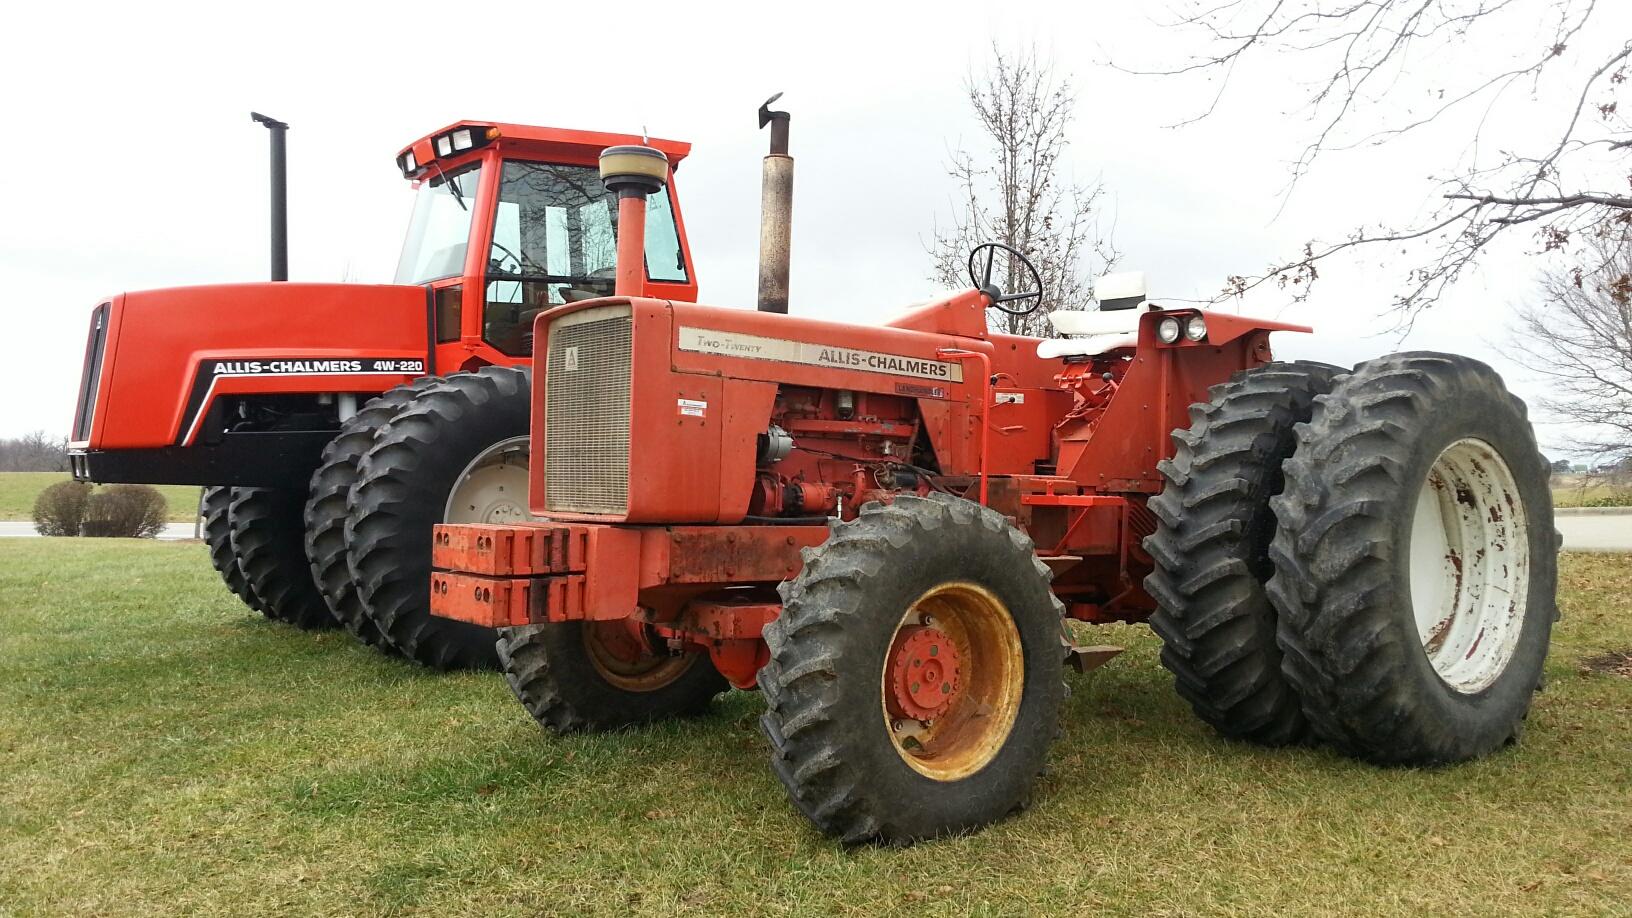 Allis Chalmers 4w 220 Farm Tractor | Allis Chalmers Farm